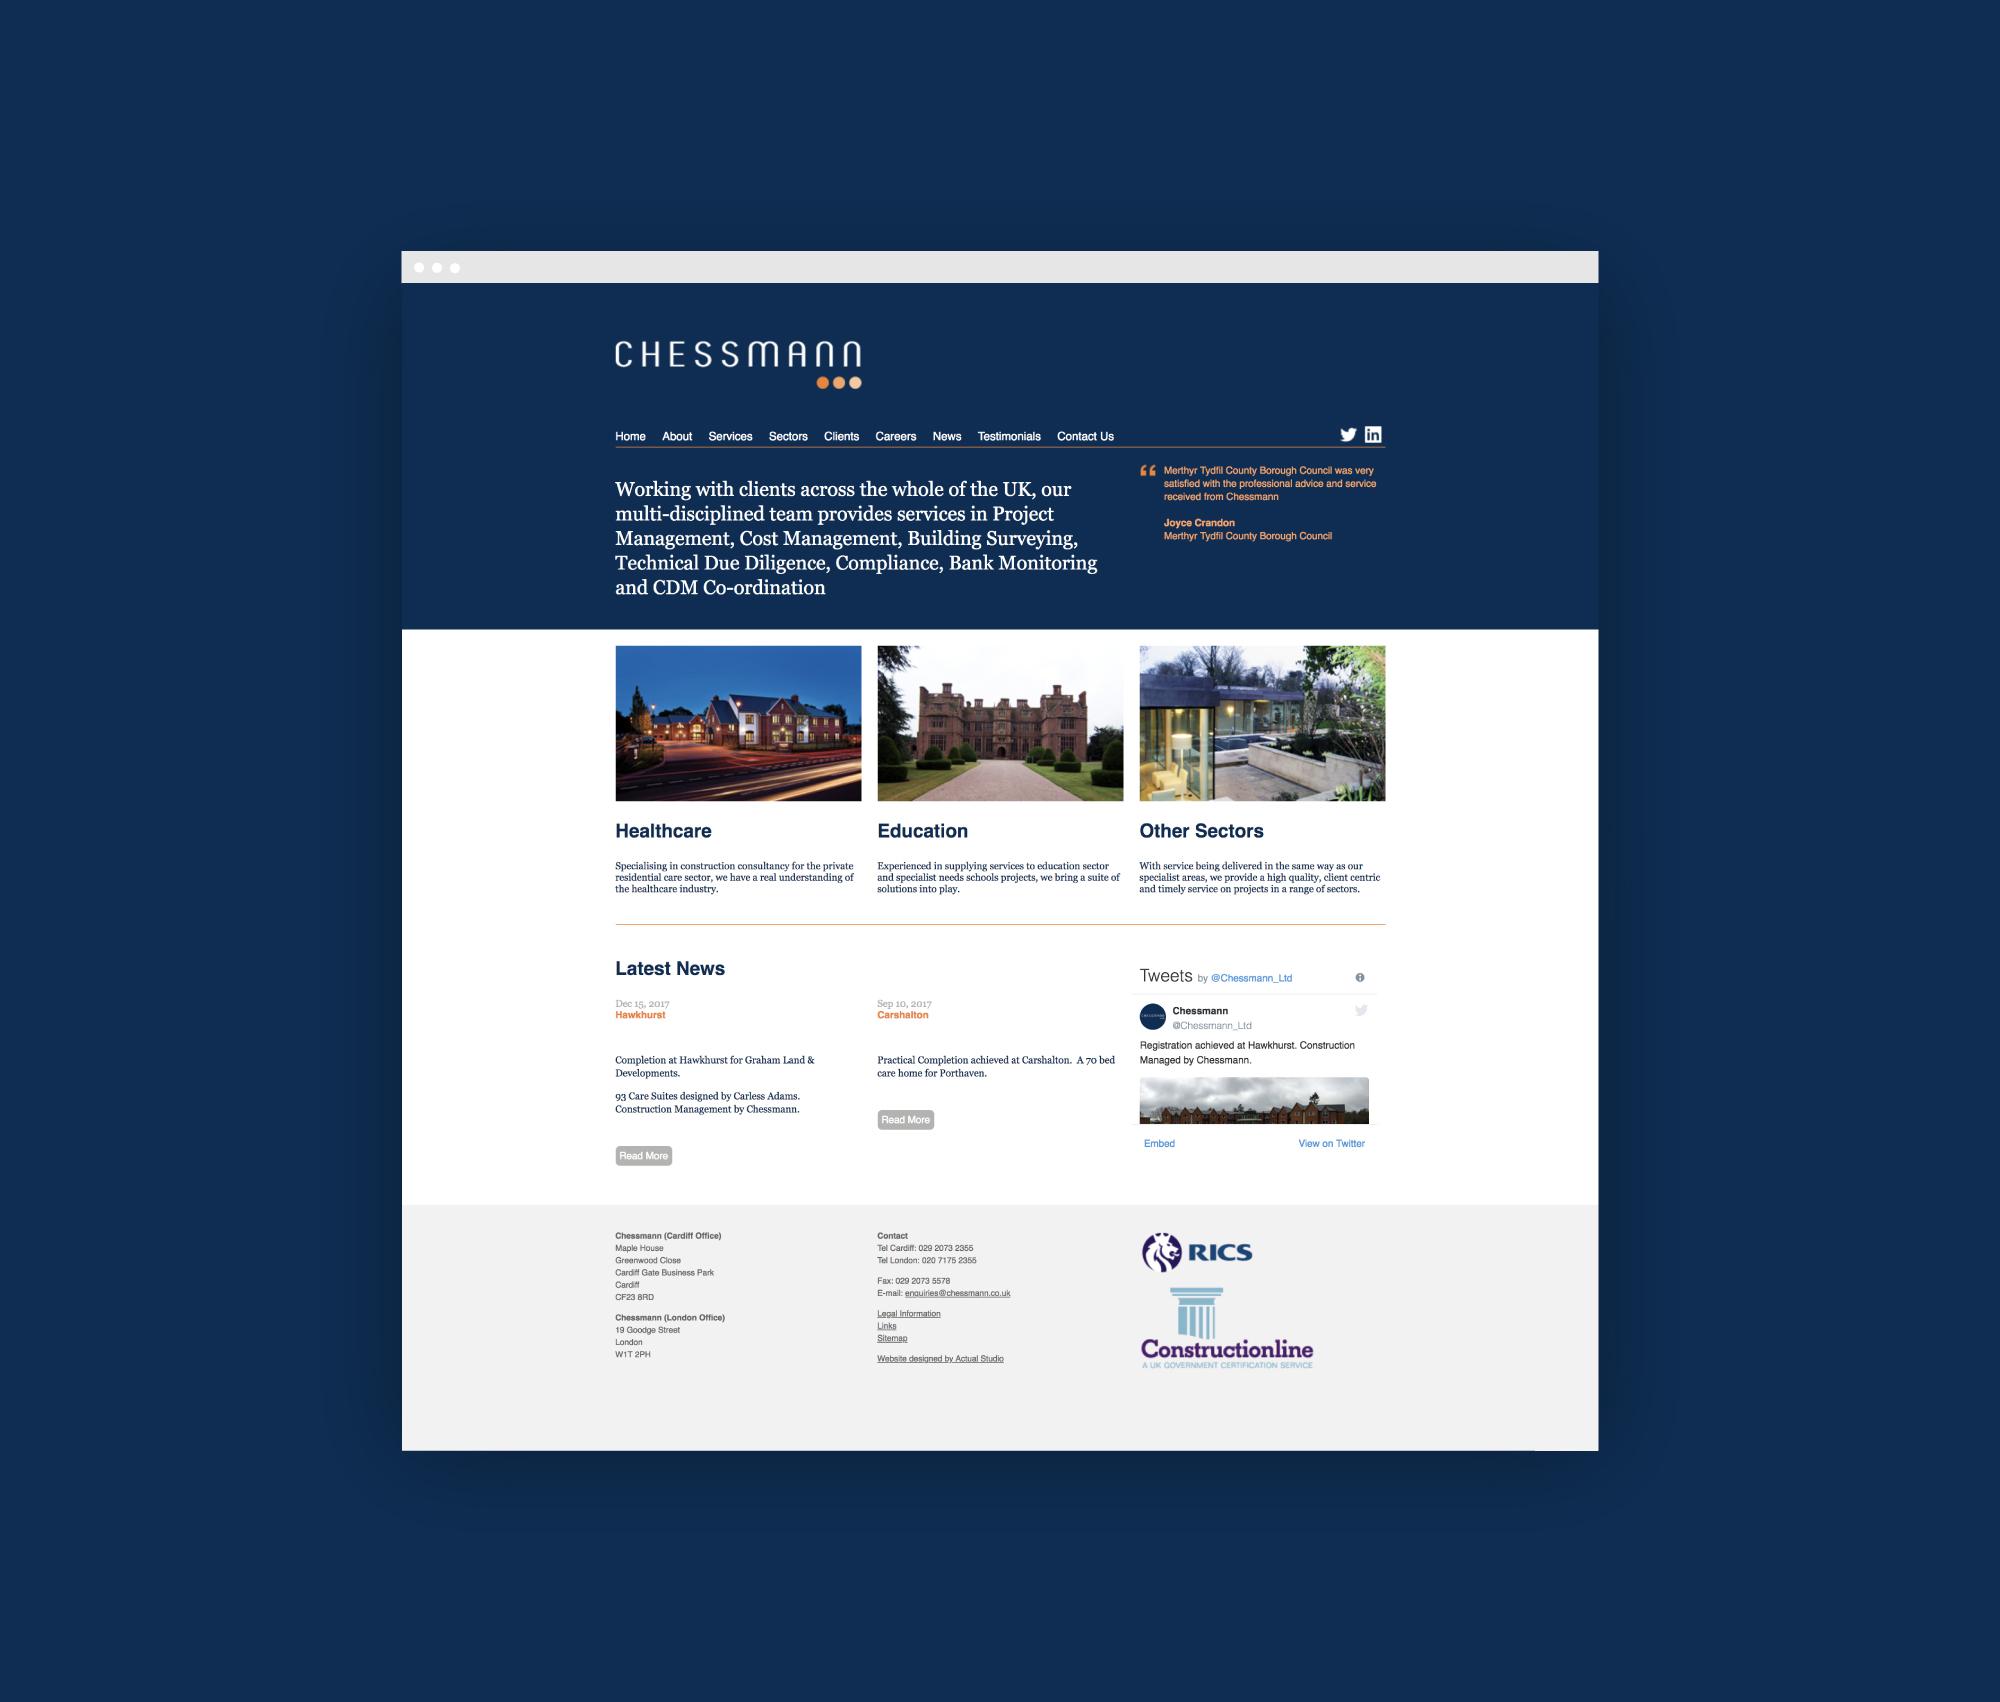 Website design for Chessmann